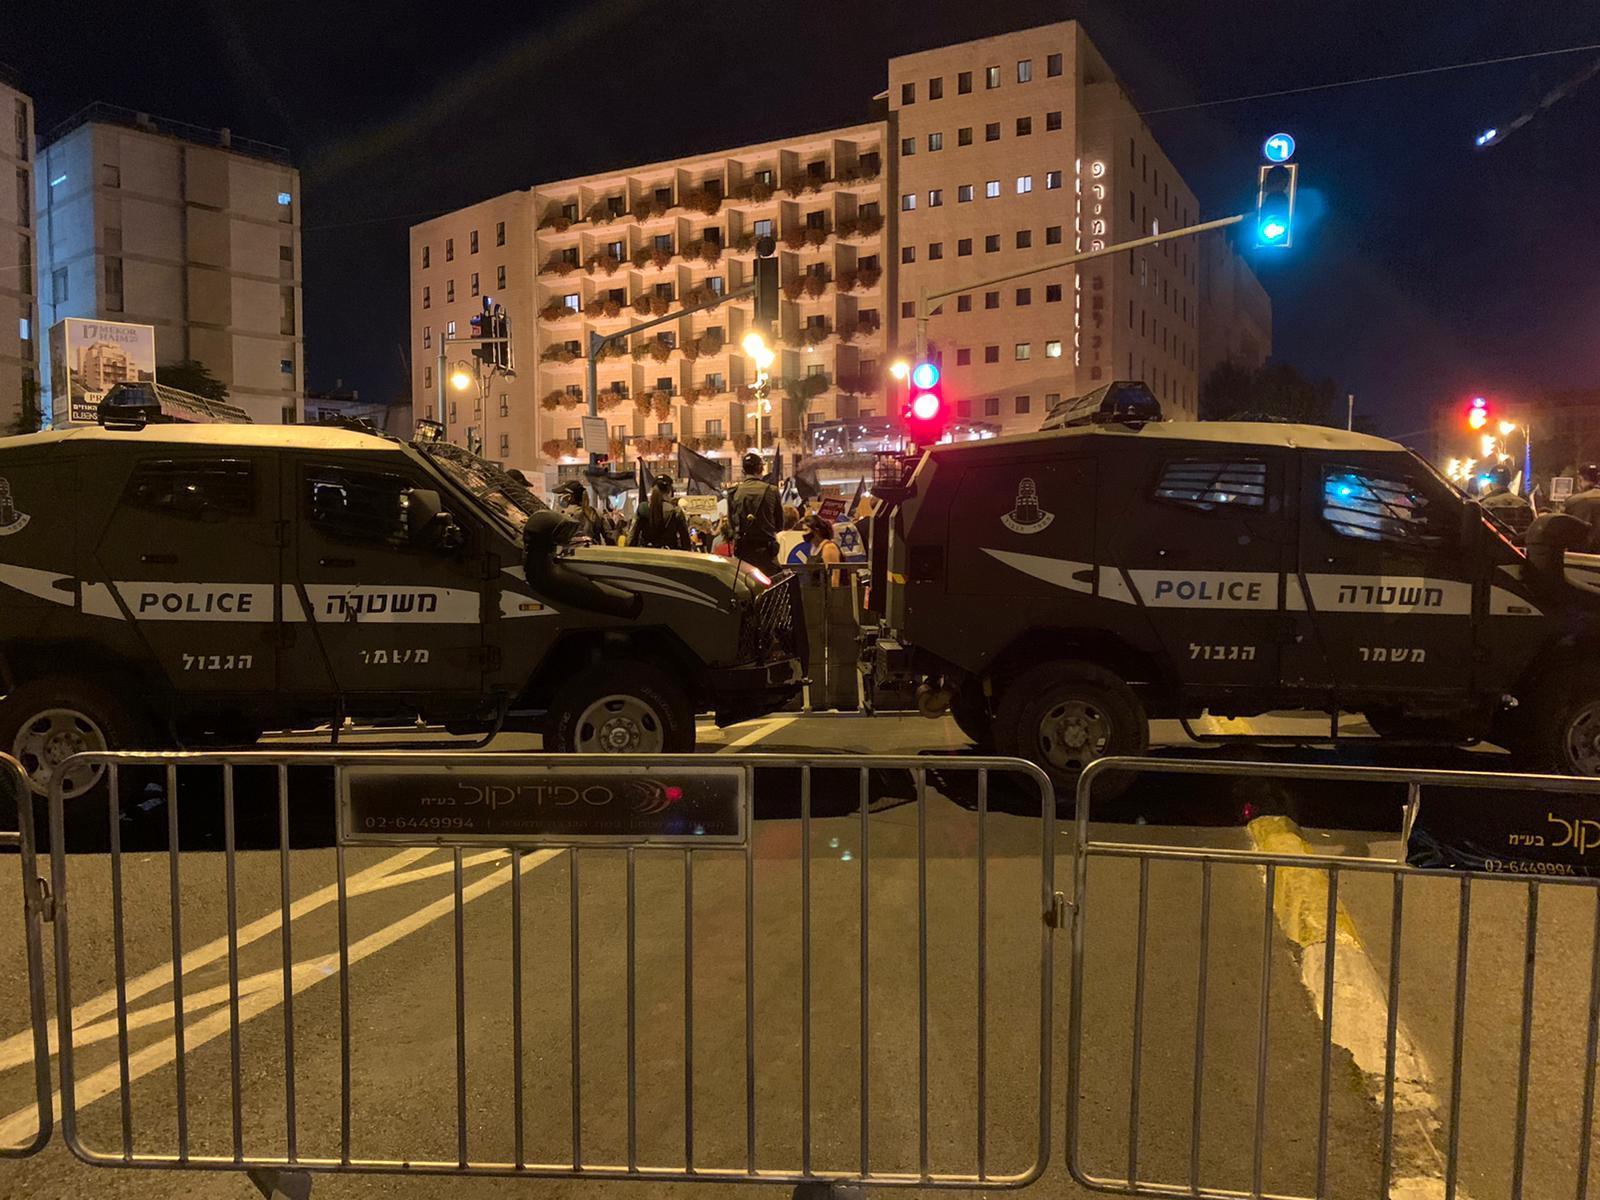 המחסום המשטרתי בירושלים, 25 ביולי 2020 (צילום: חגי מטר)